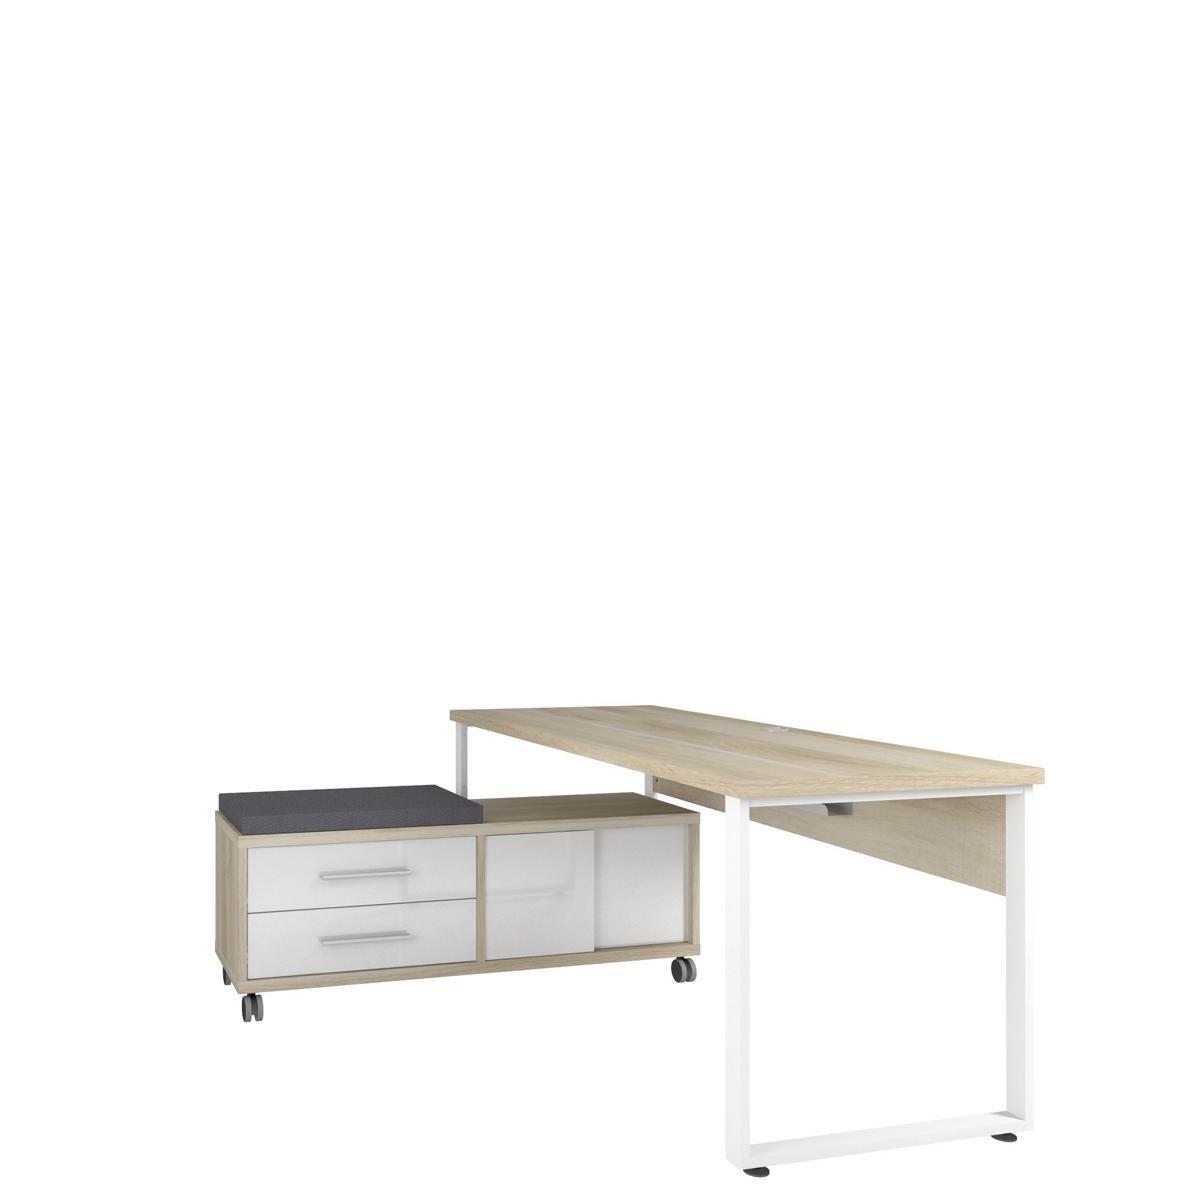 Künstlerisch Schreibtisch Mit Rollcontainer Referenz Von 16735524 + 16742446.jpg